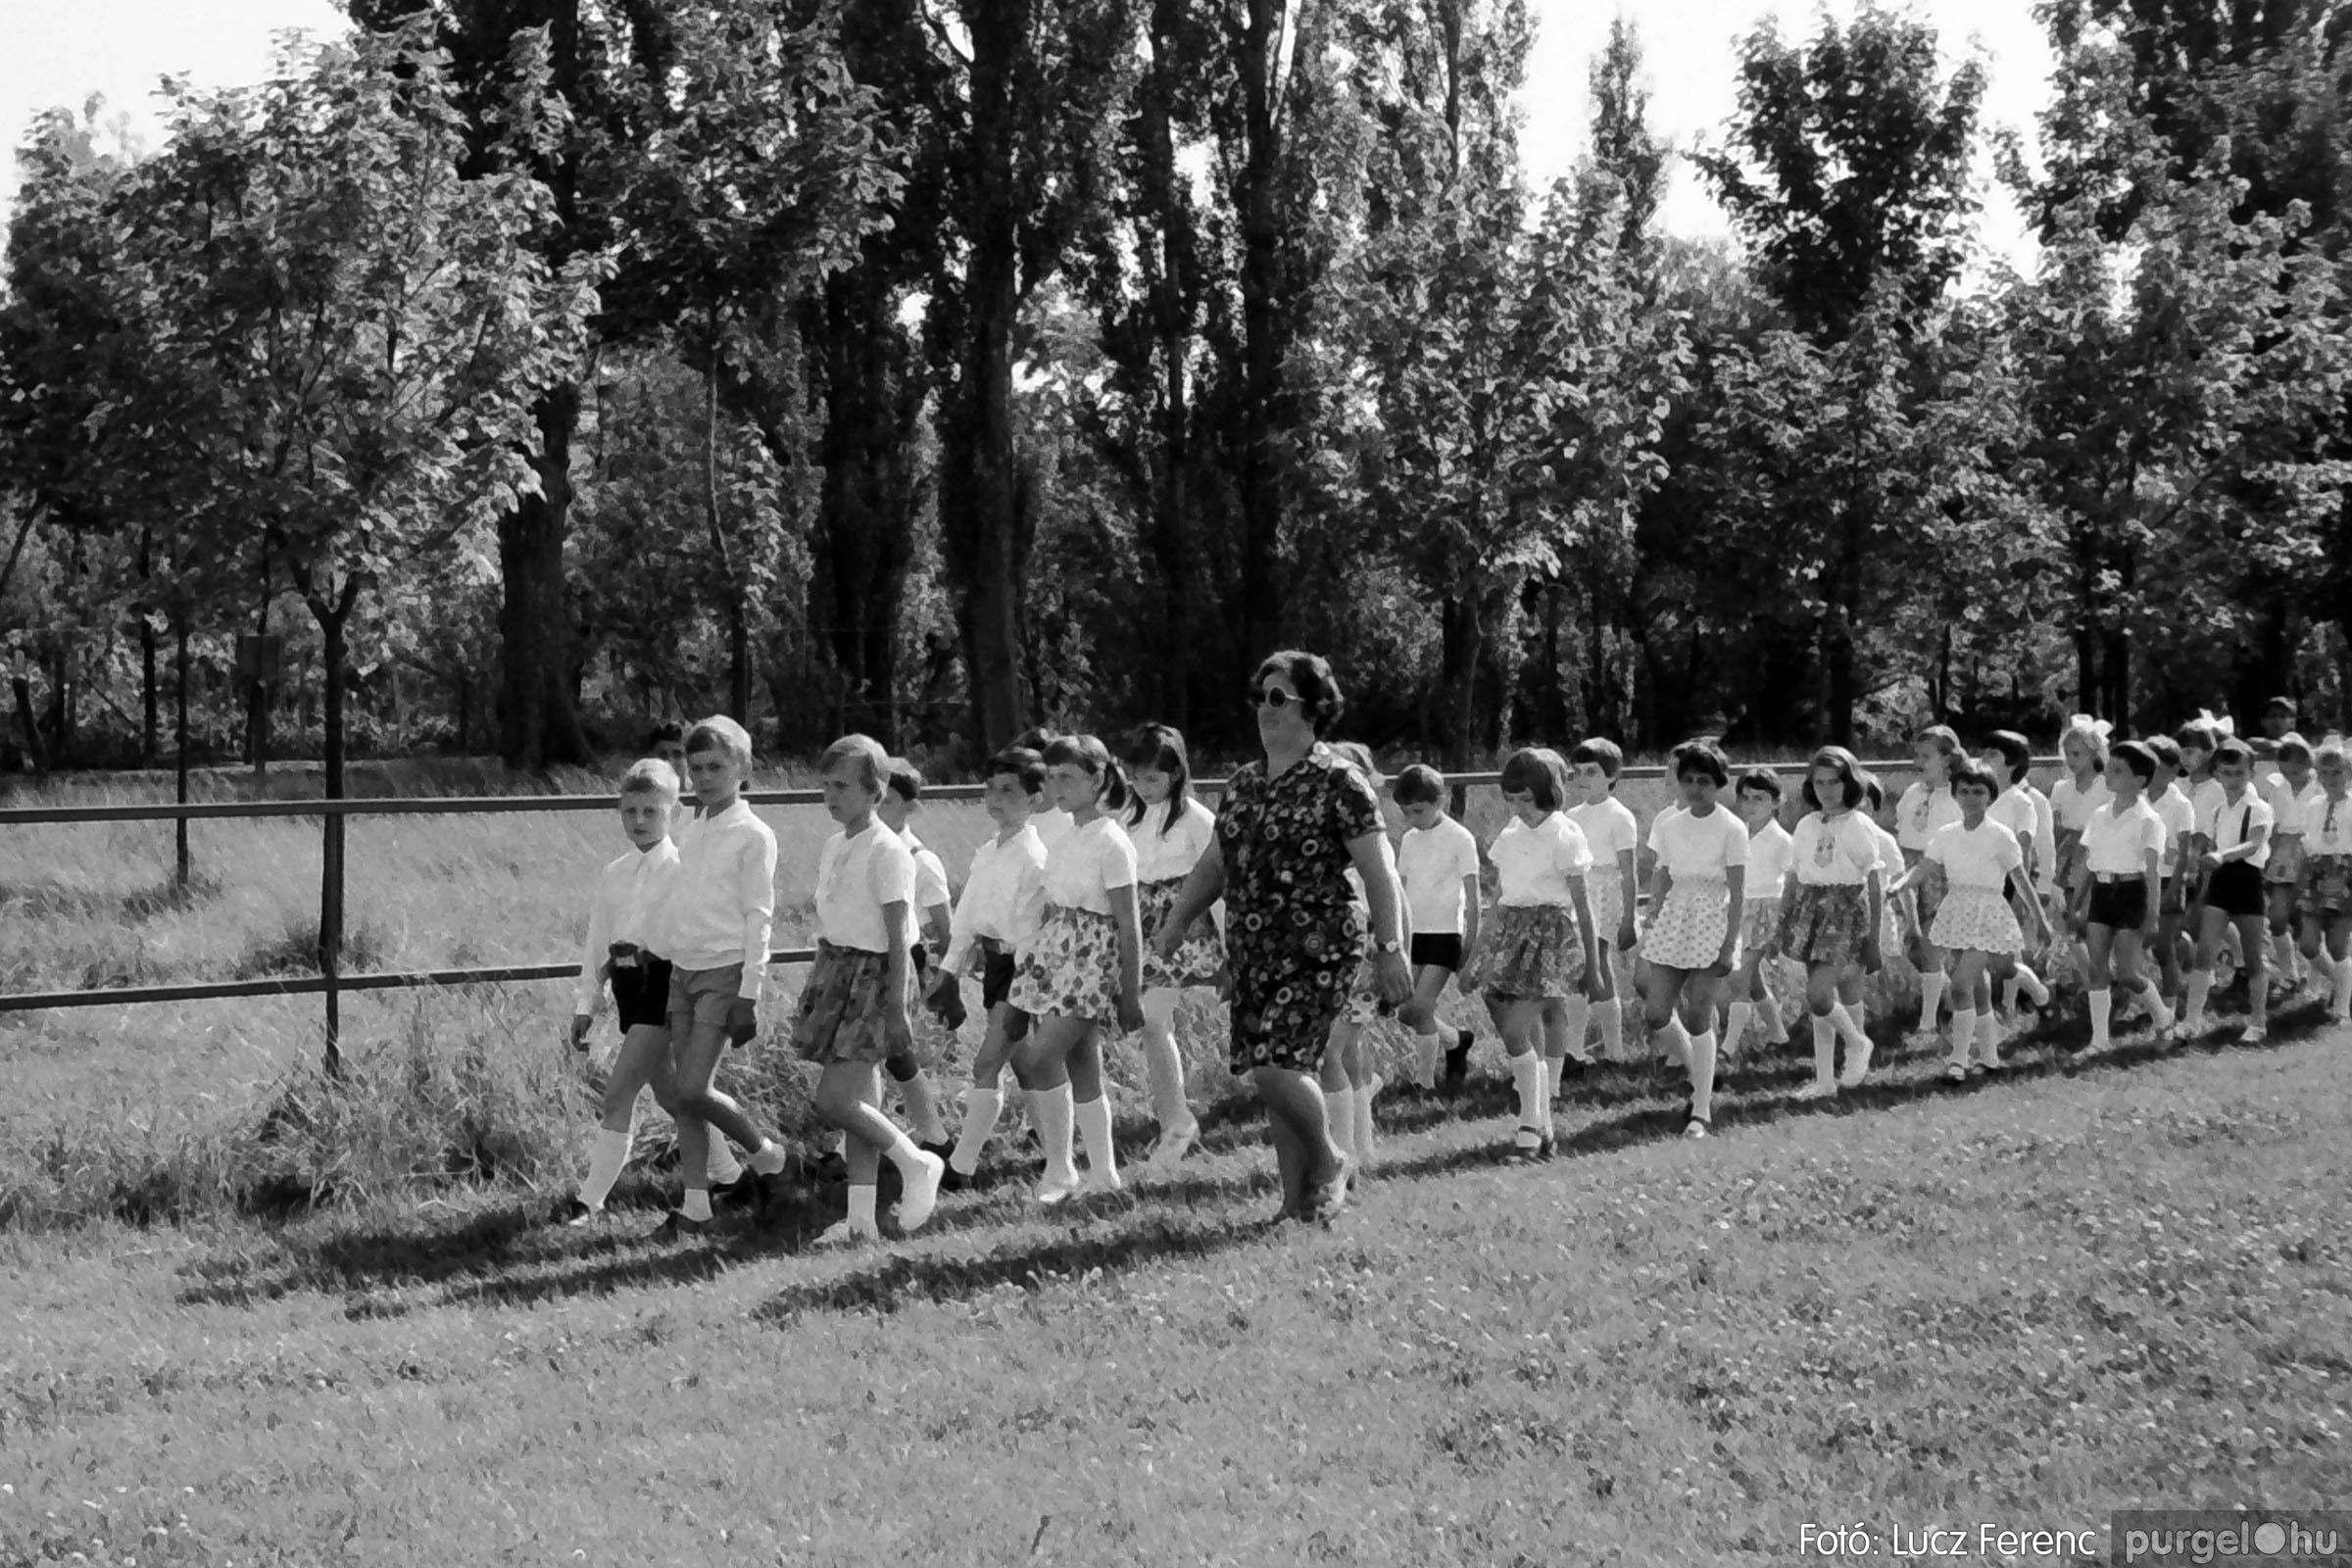 017 1975.04. Május elsejei tornabemutató főpróbája a sportpályán 015 - Fotó: Lucz Ferenc IMG00016q.jpg